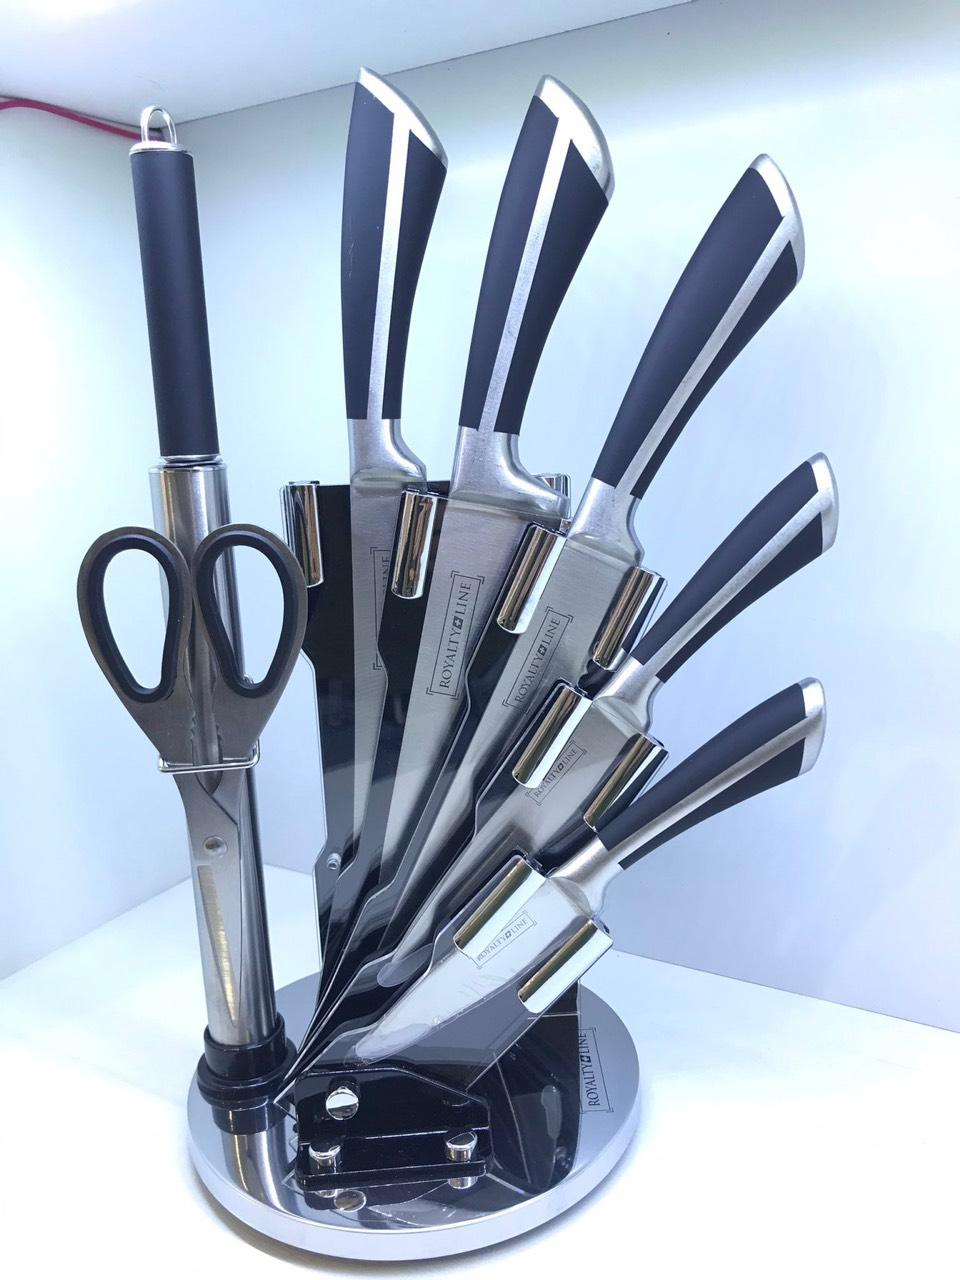 Những bộ dao nhà bếp cao cấp tốt nhất hiện nay